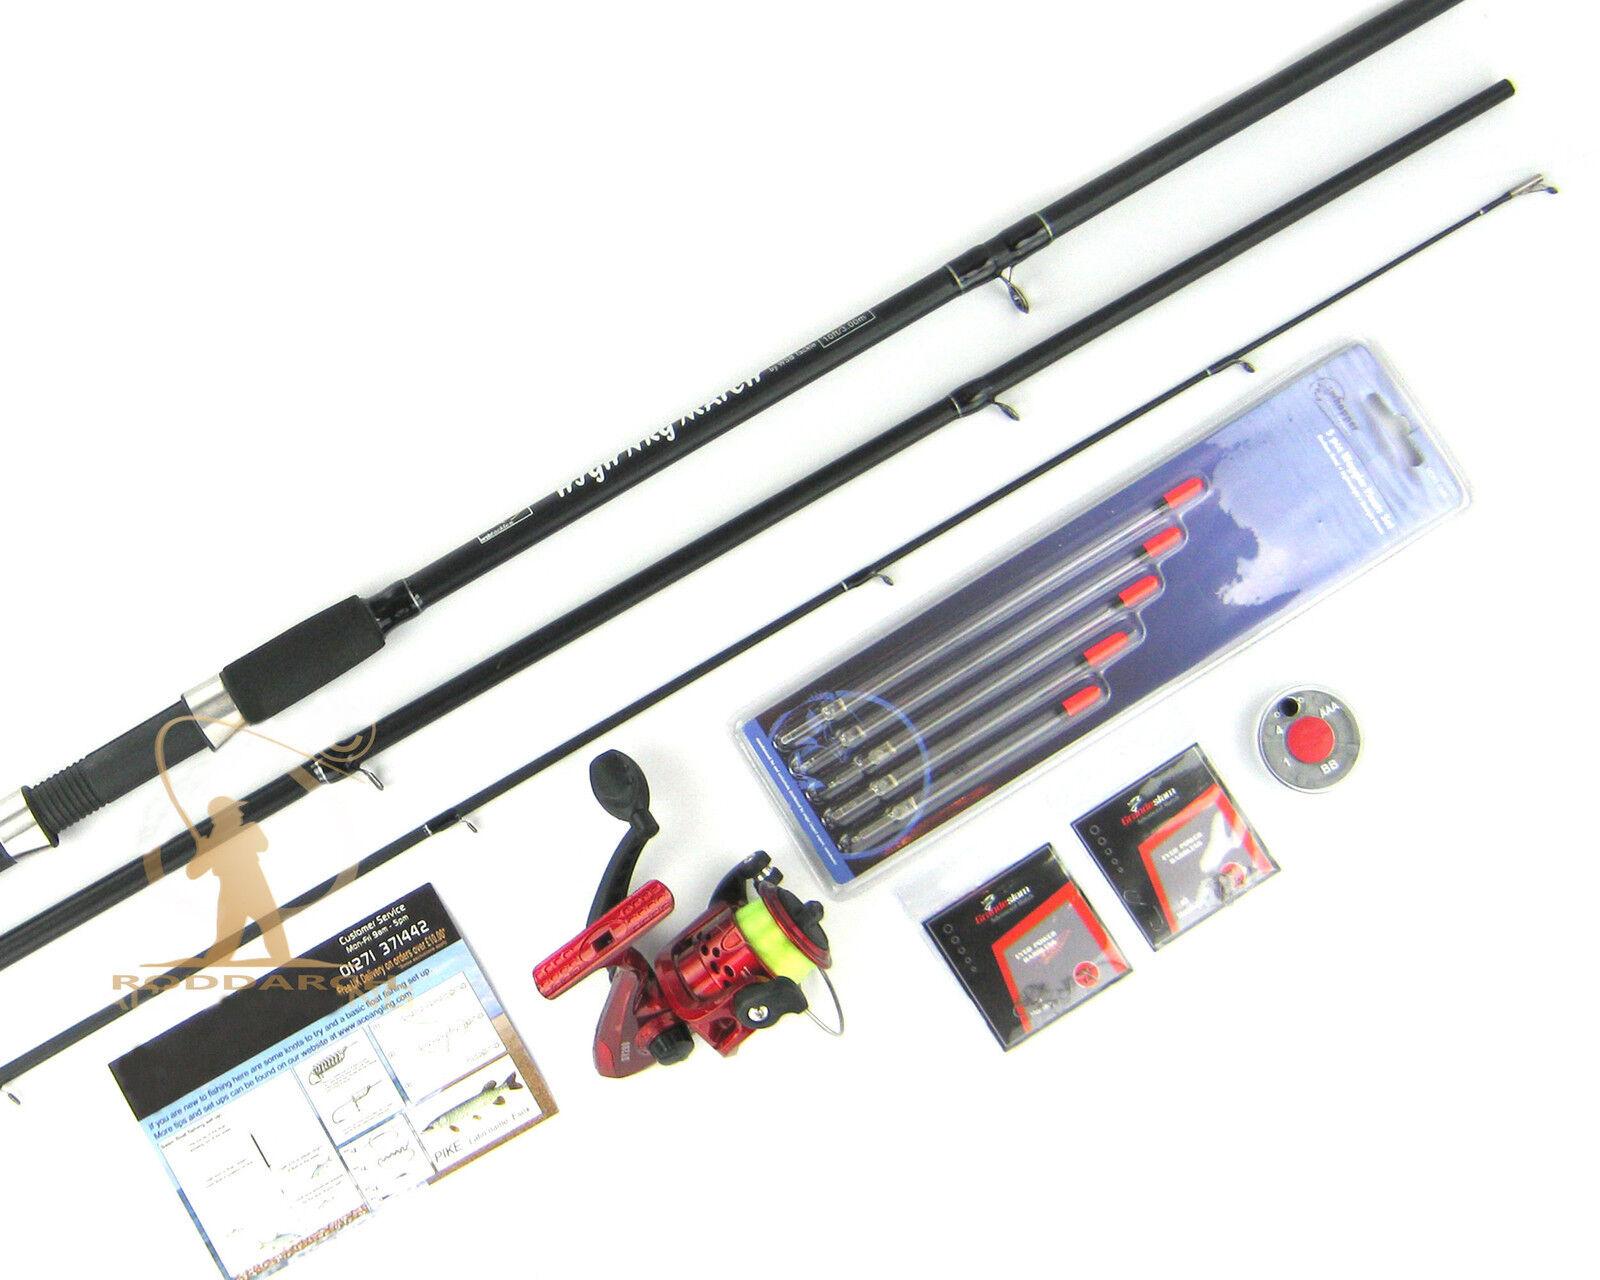 Complete Starter Float Fishing Outfit Set Kit Carbon Rod Reel Hooks Floats shot